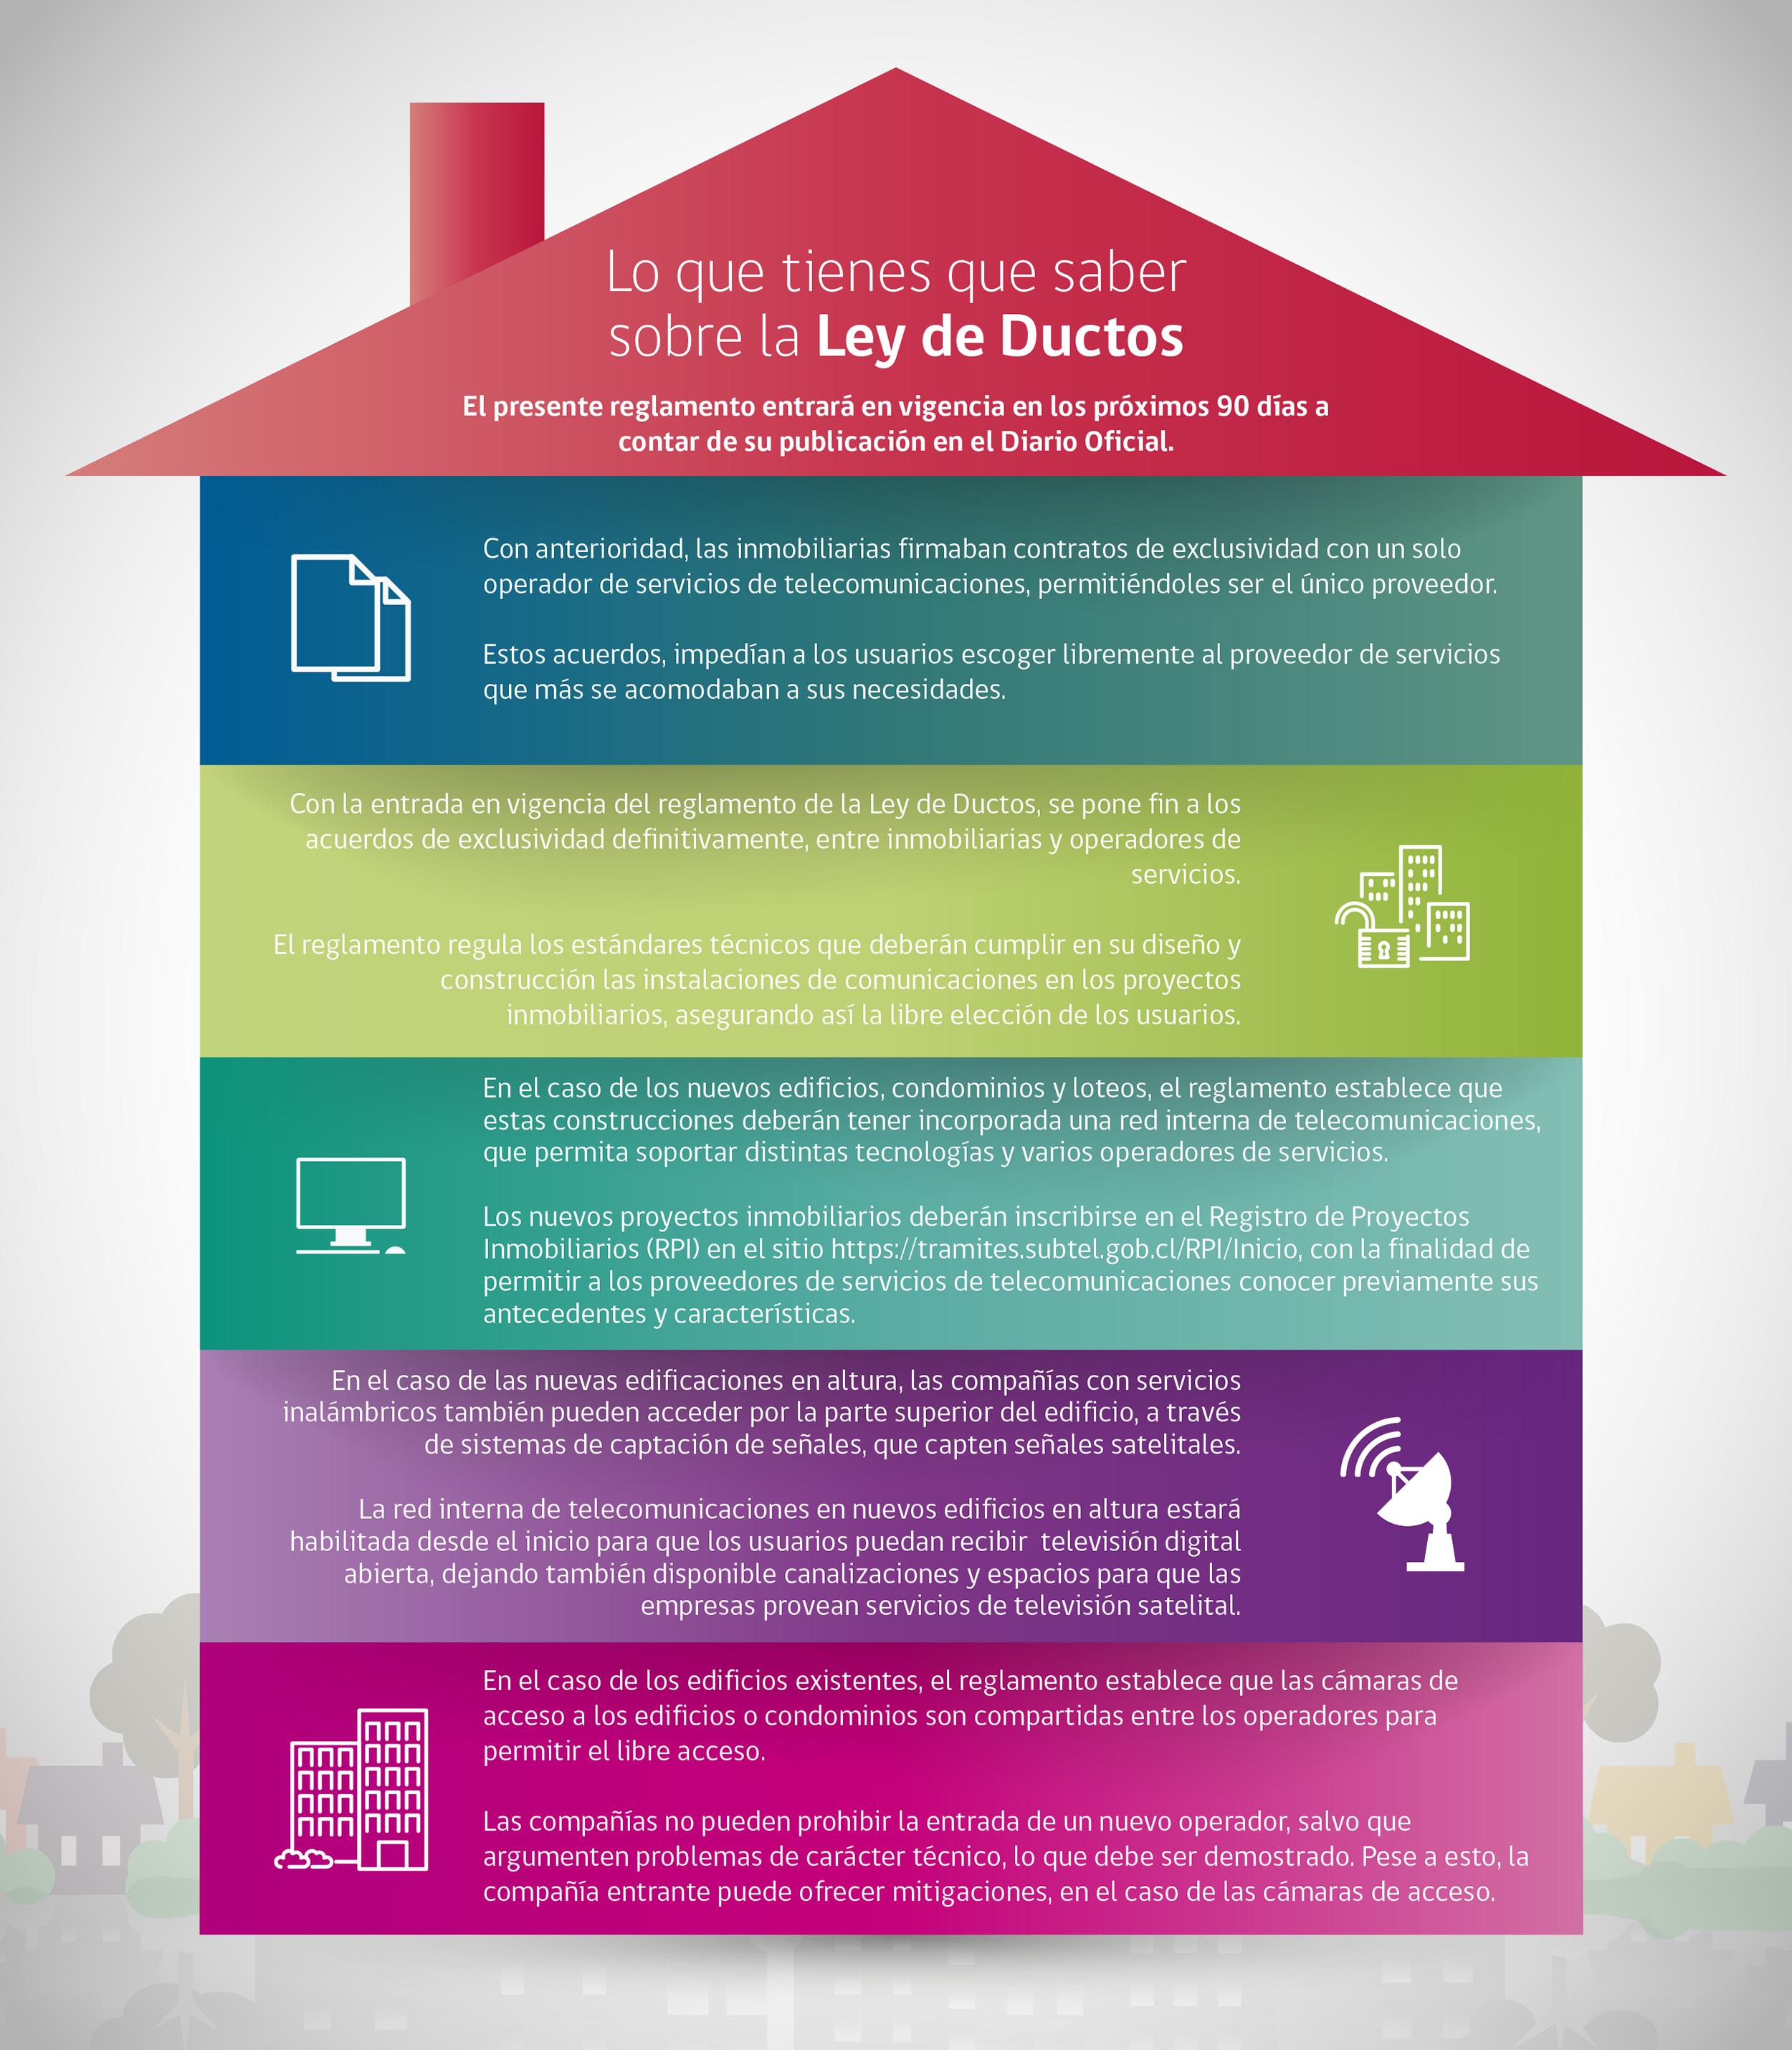 Infografía Reglamento Ley de Ductos